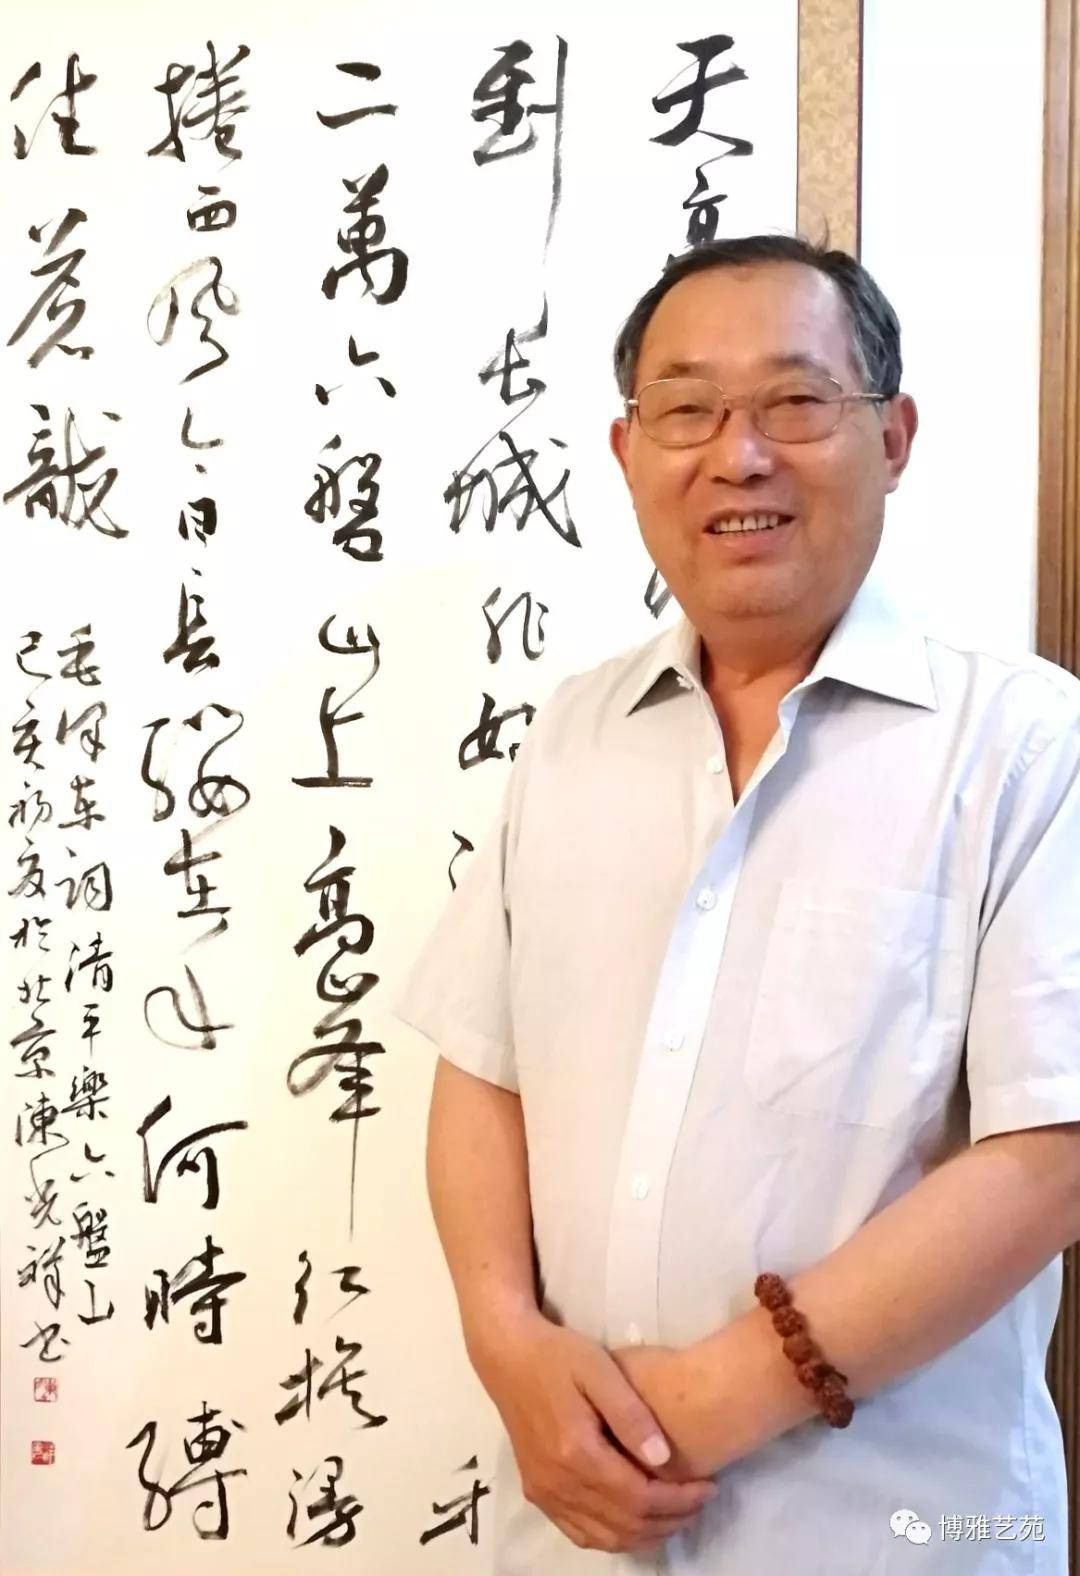 著名书法家陈广祥艺术作品欣赏